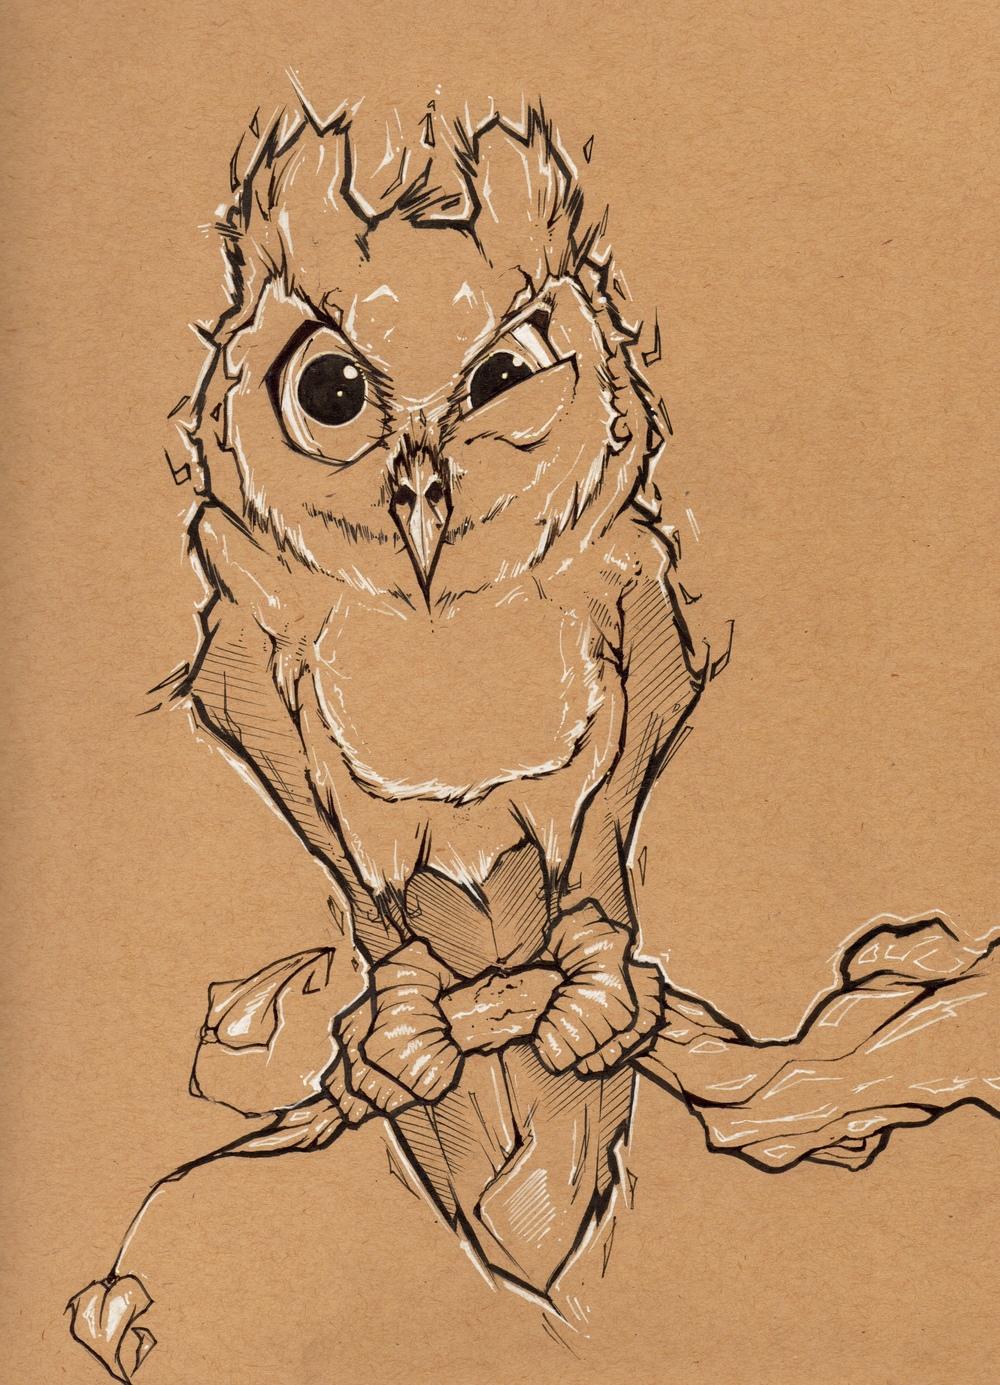 danieldufford-owlsketch